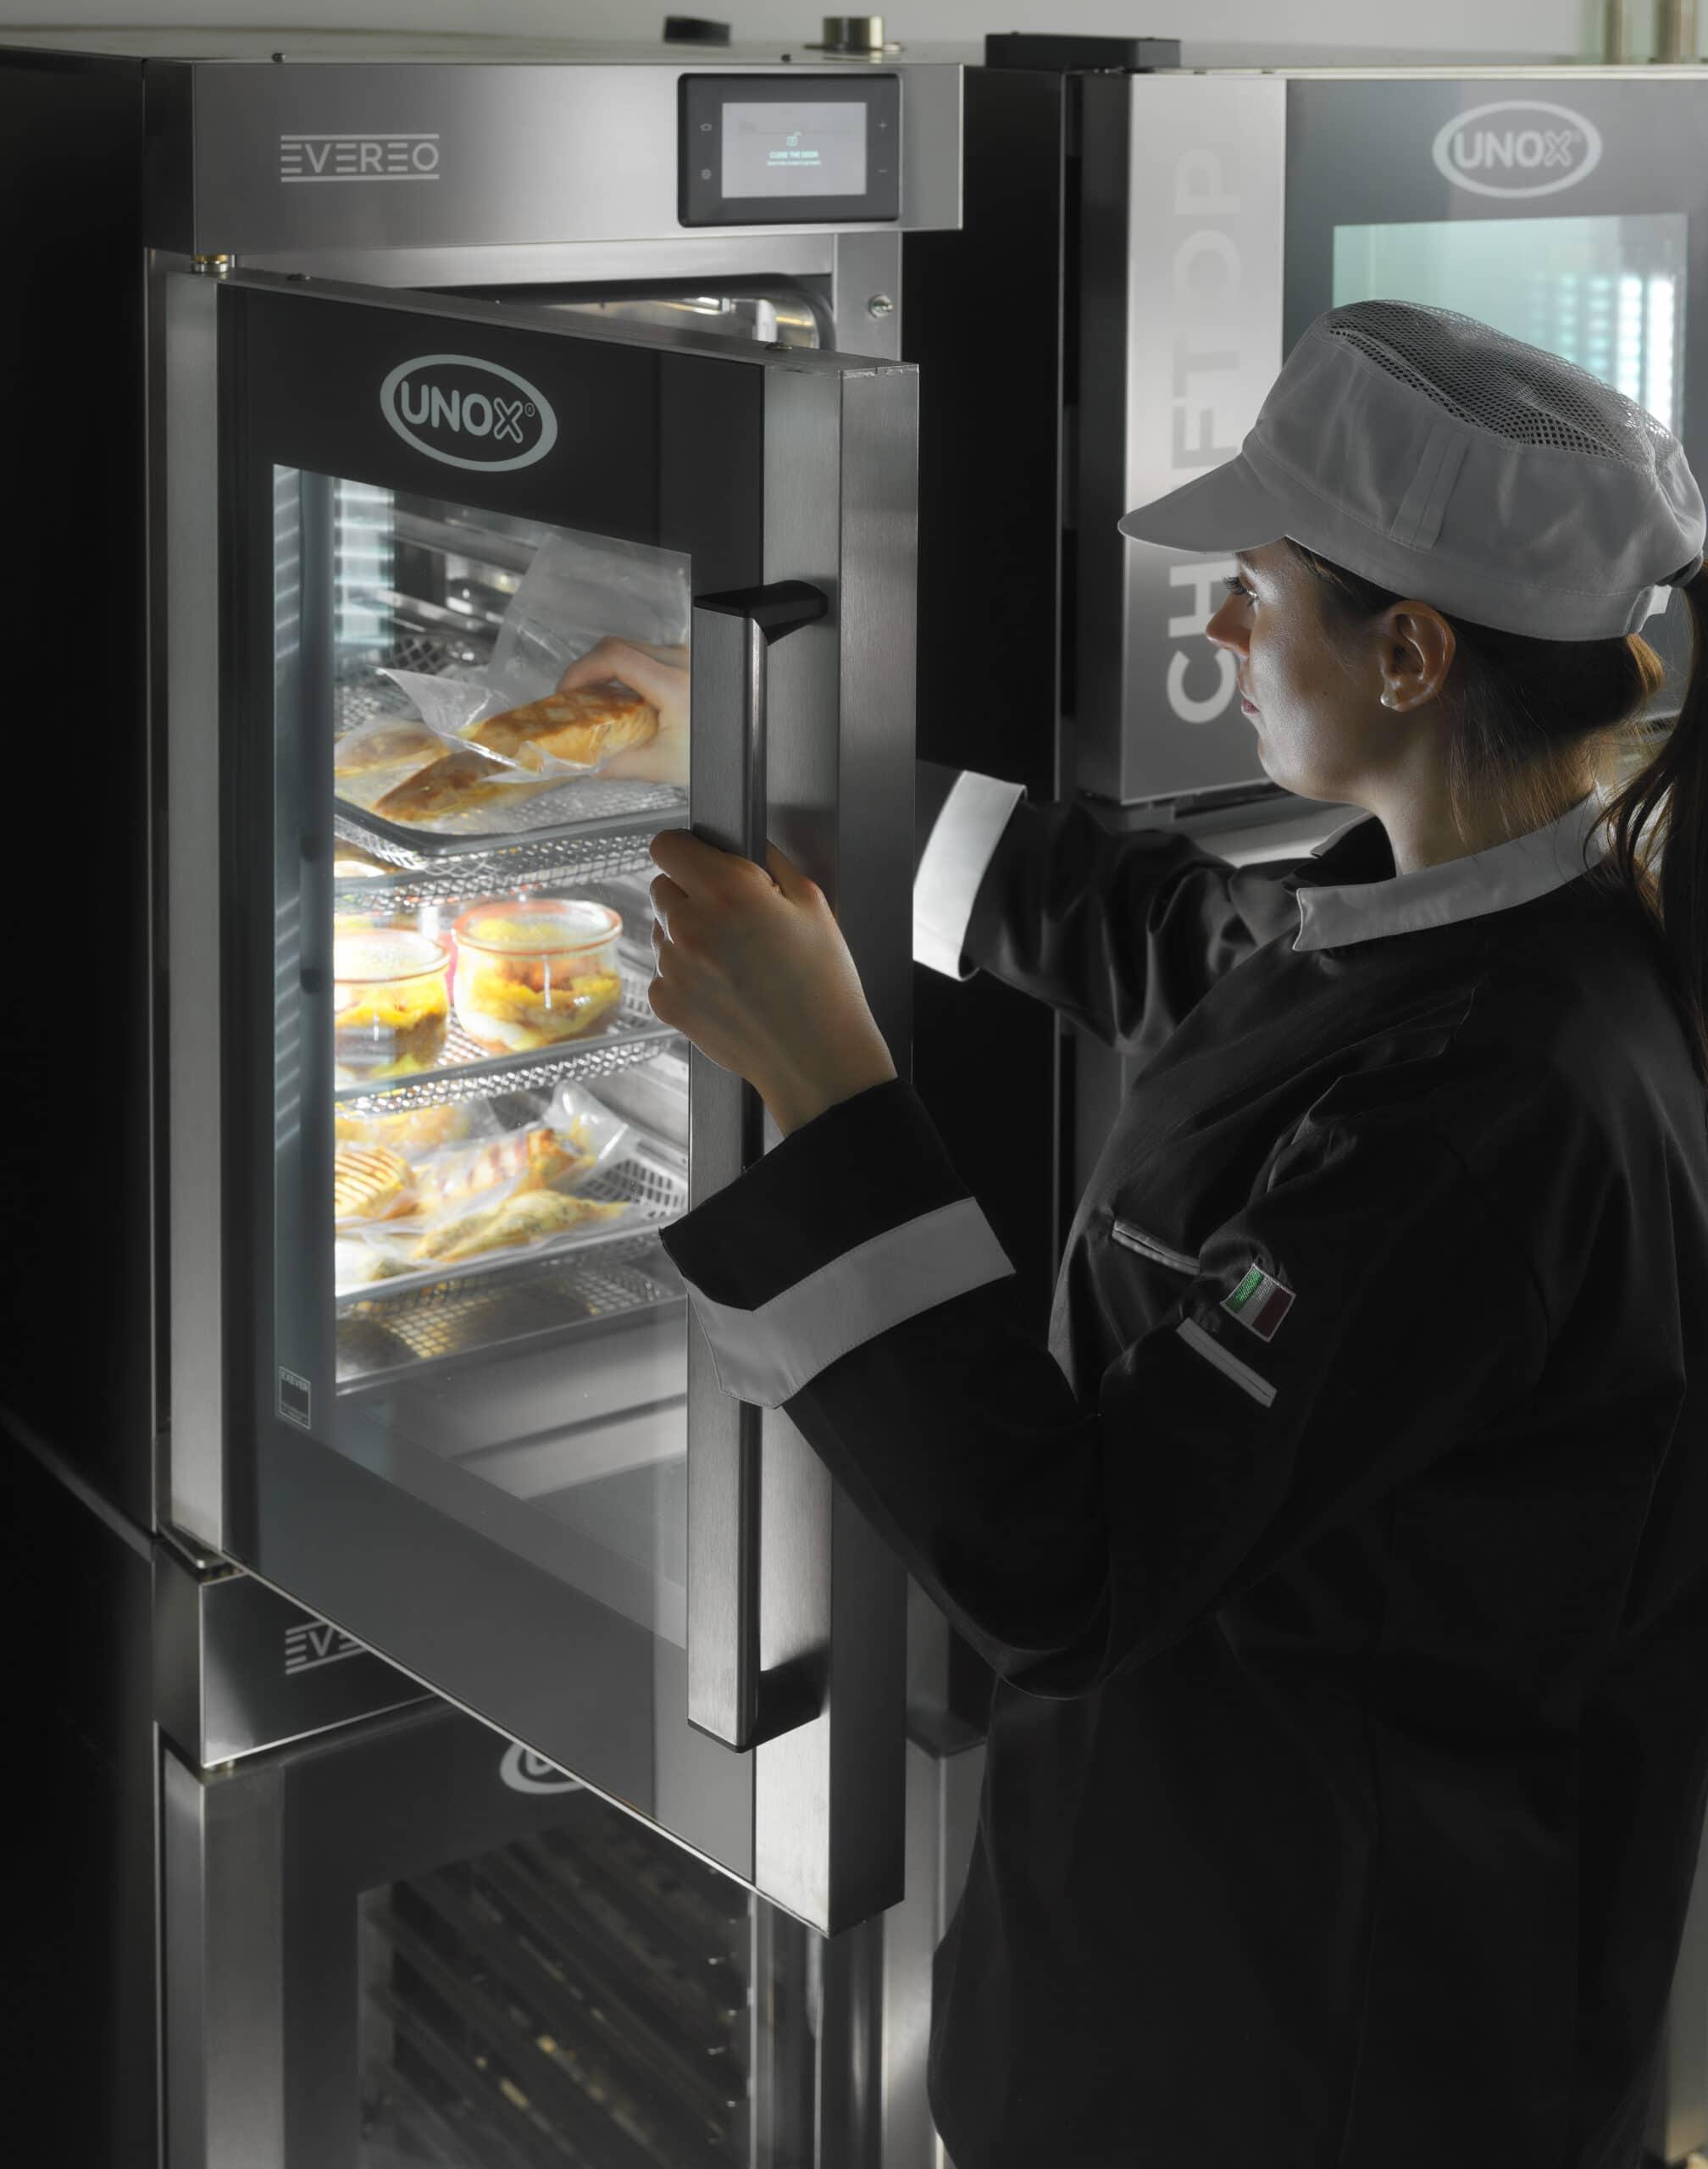 EVERO - UNOX / Der heiße Kühlschrank